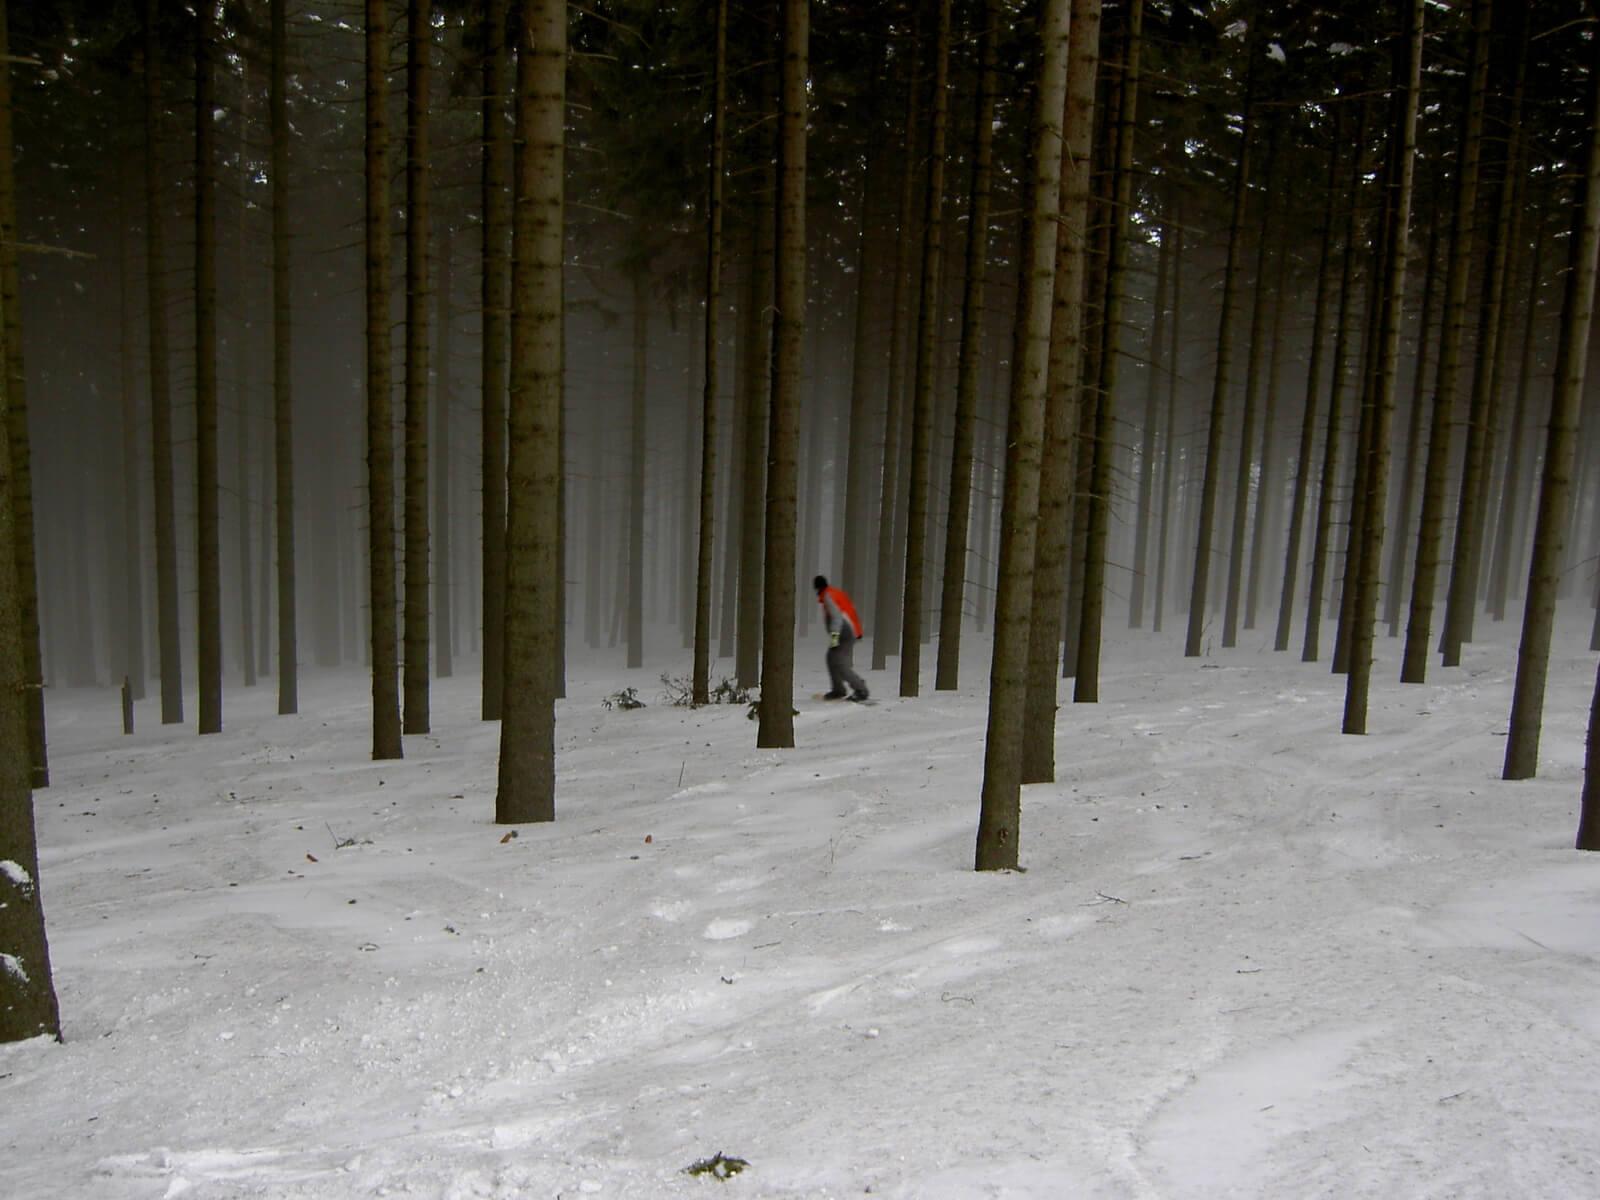 ramzowa czechy las